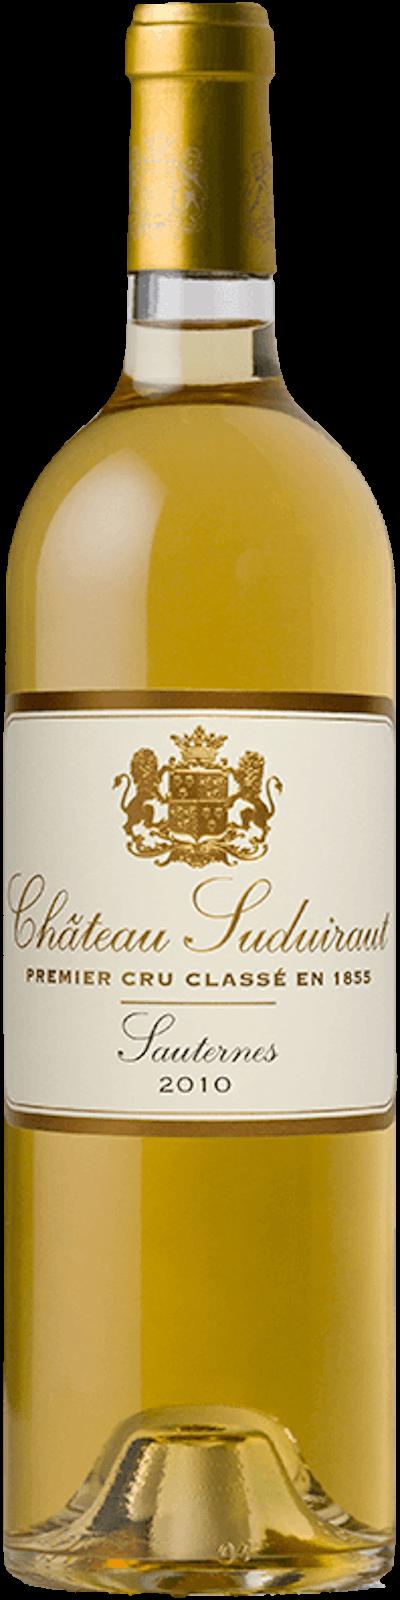 Château Suduiraut - Sauternes Grand Cru Classé